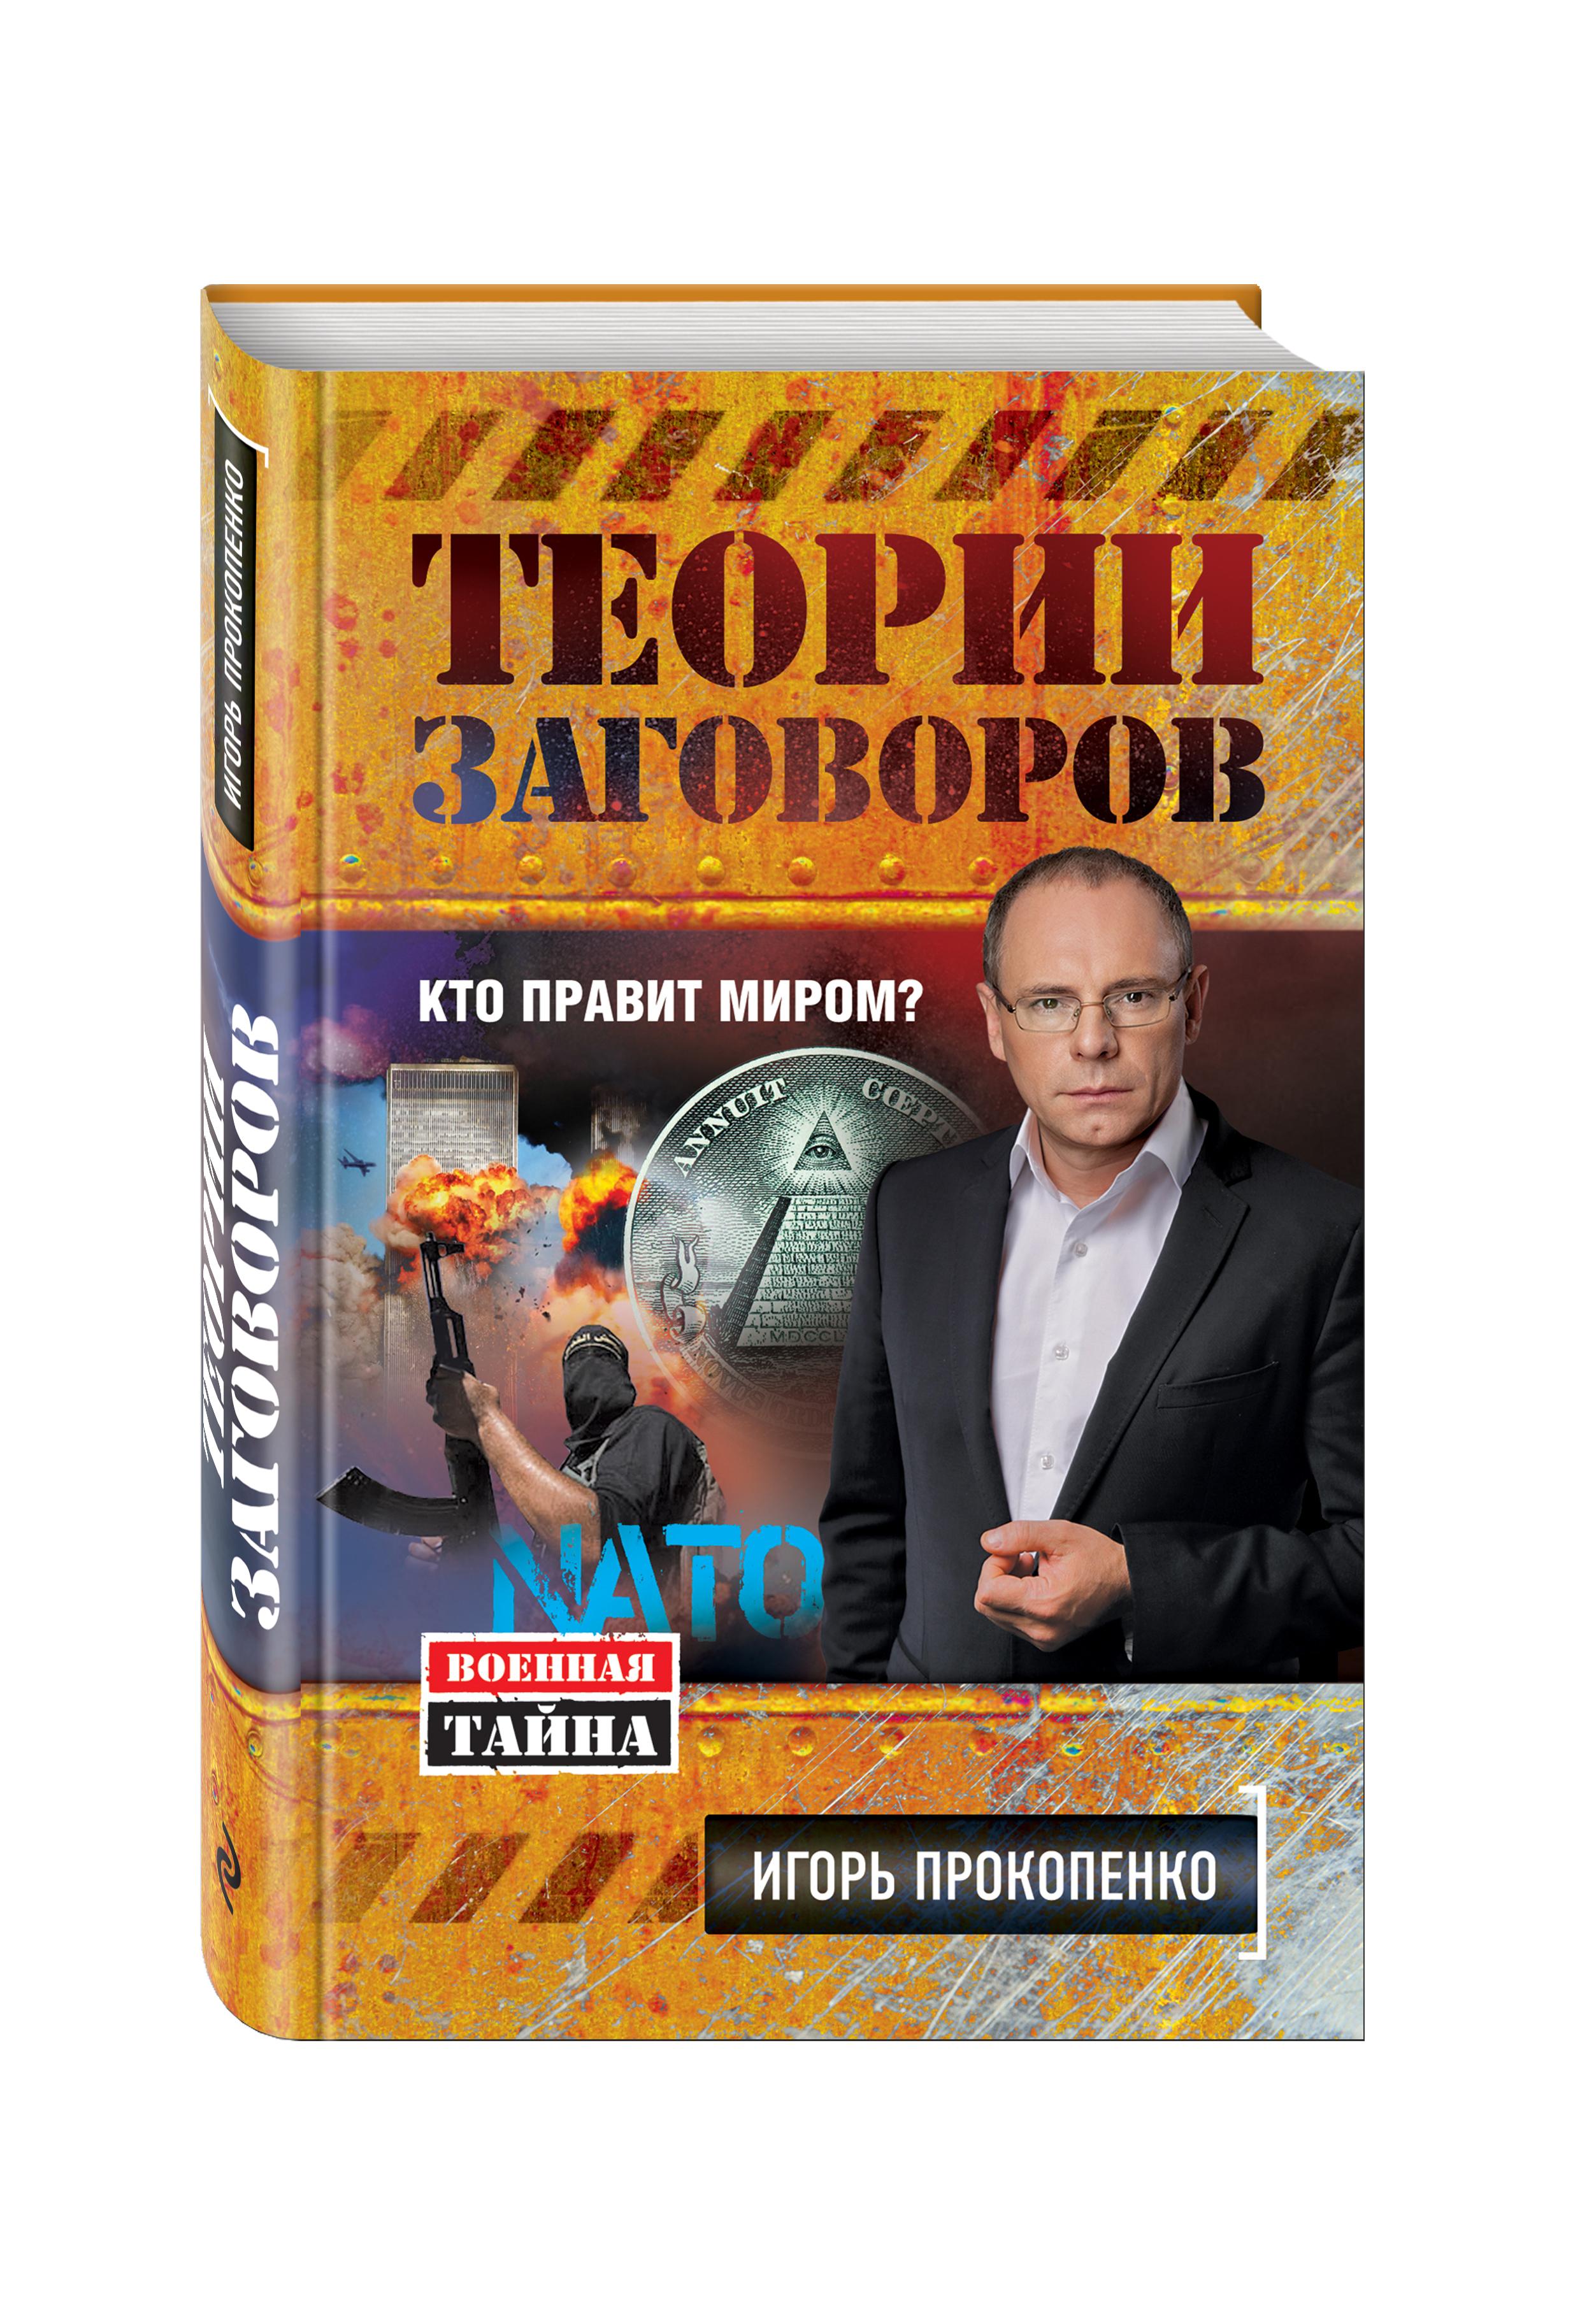 Прокопенко И.С. Теории заговоров. Кто правит миром?